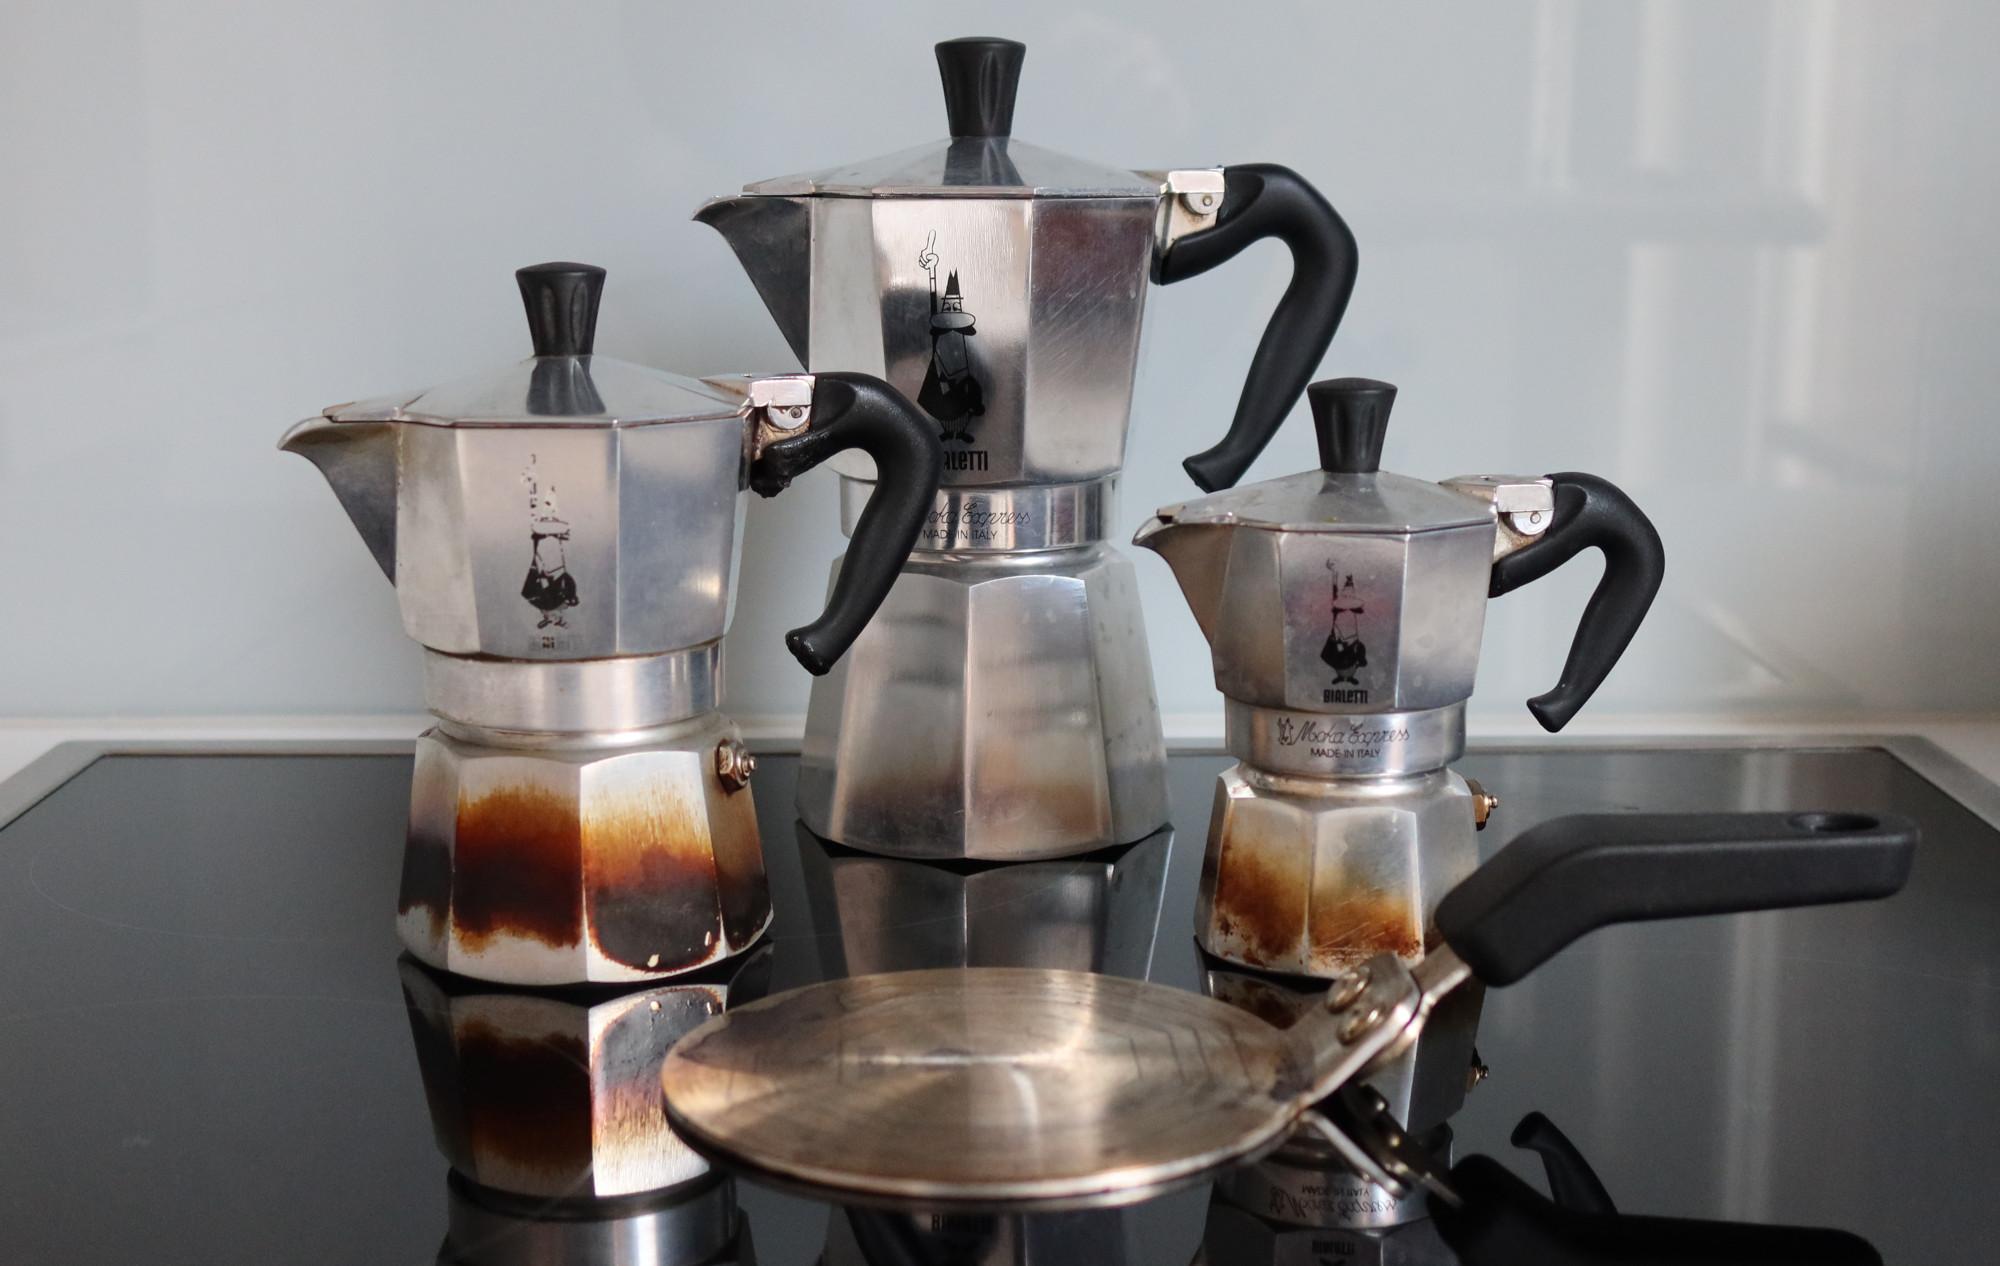 Espressokocher in drei Größen mit Adapterplatte für Induktion